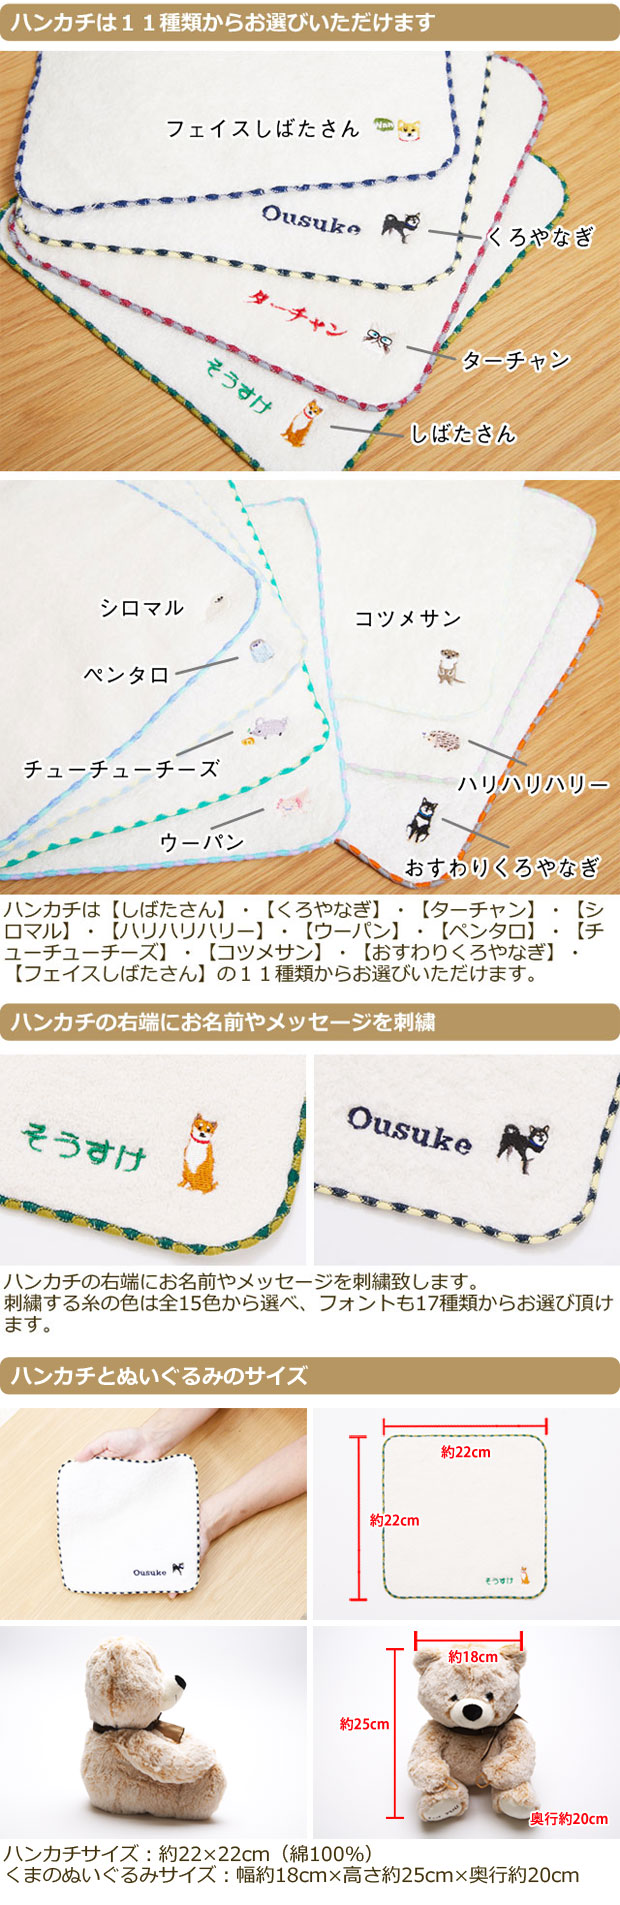 友達への出産祝いやお子さんへのちょっとしたプレゼントには名入れ刺繍ハンカチとくまのぬいぐるみのギフトセット